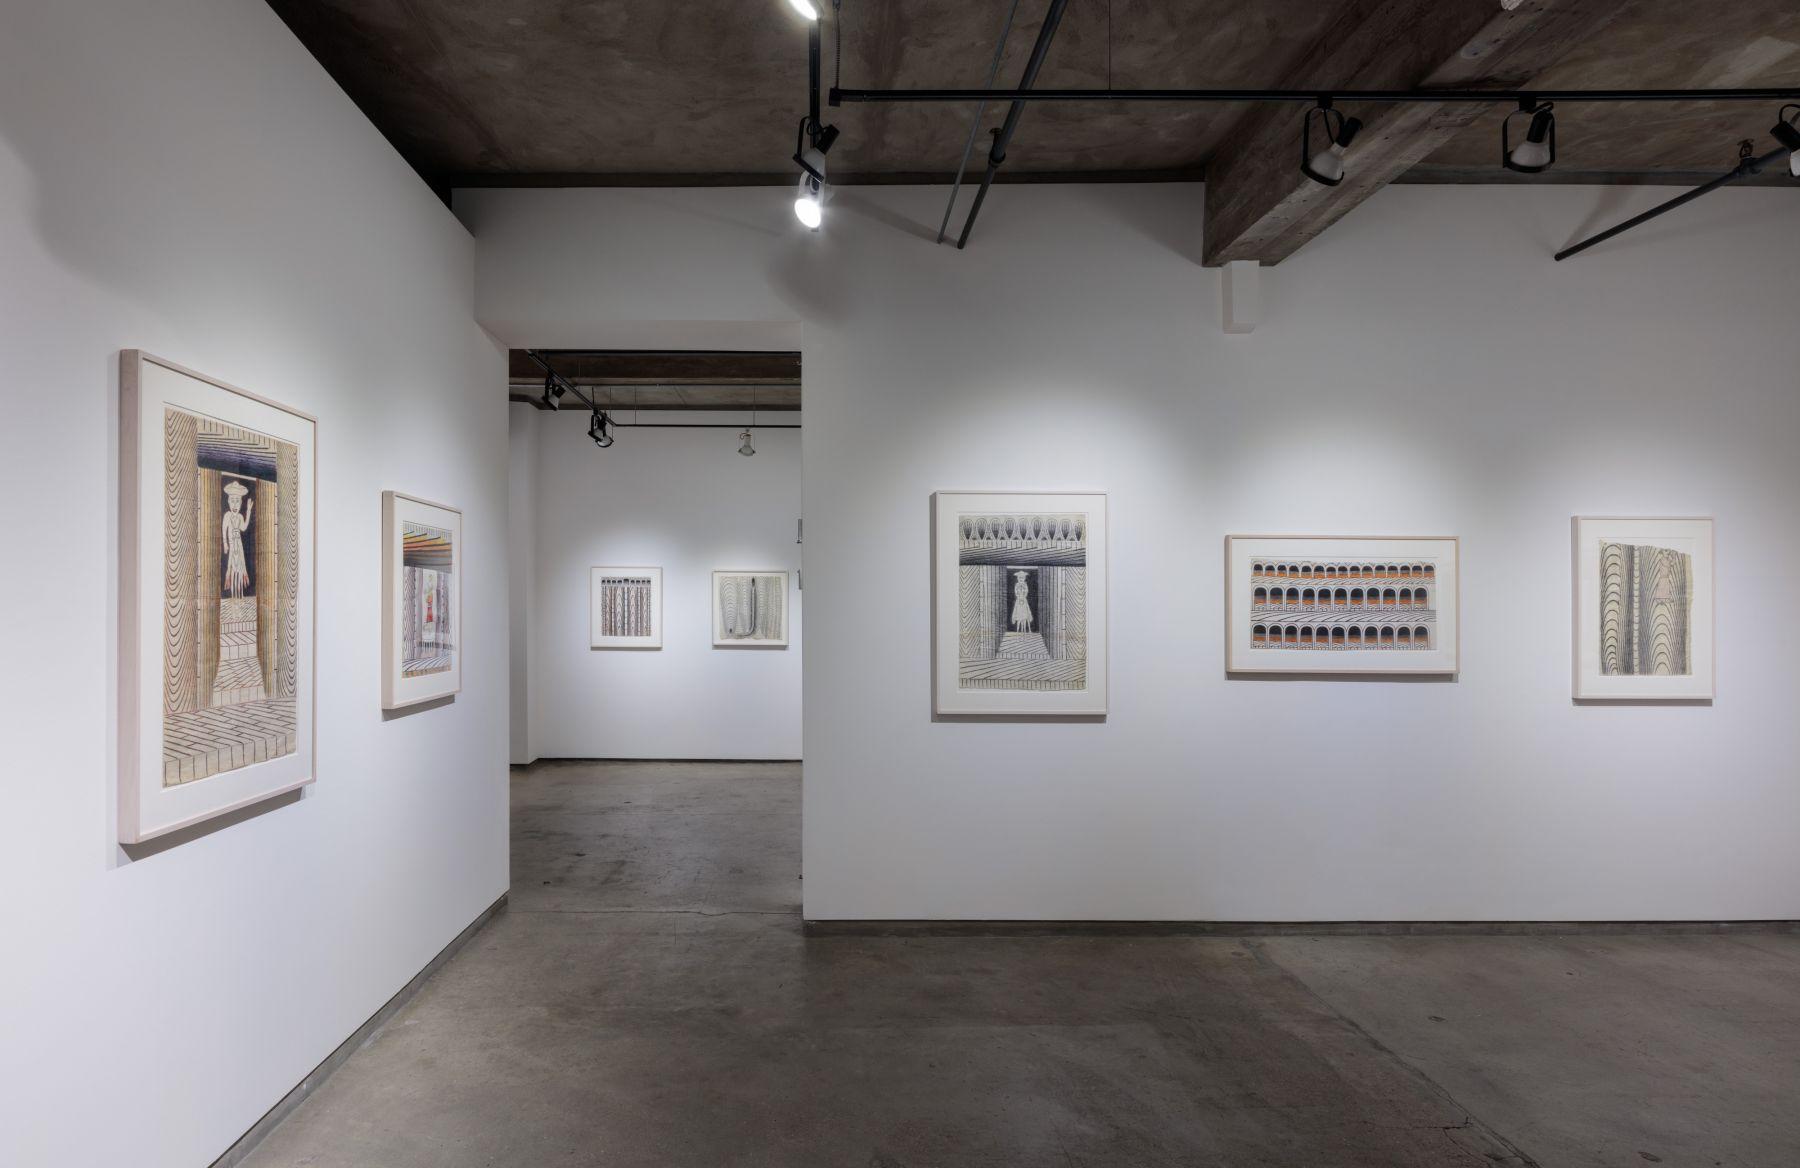 Installation views, Martín Ramírez at Ricco/Maresca Gallery